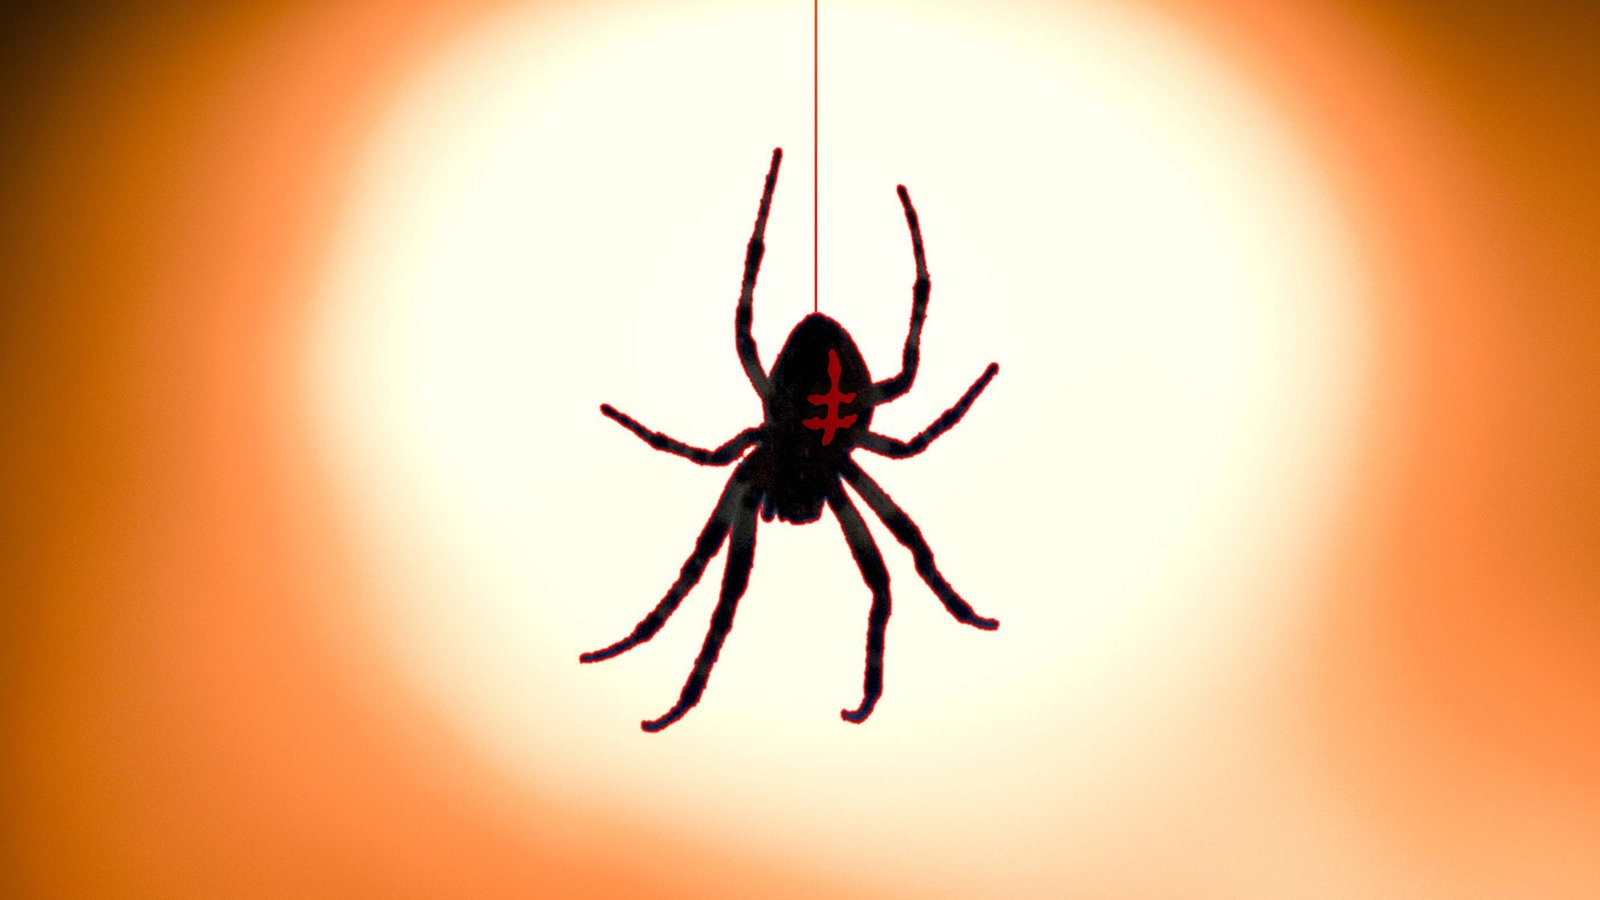 az insekten und spinnentiere insekten und spinnentiere